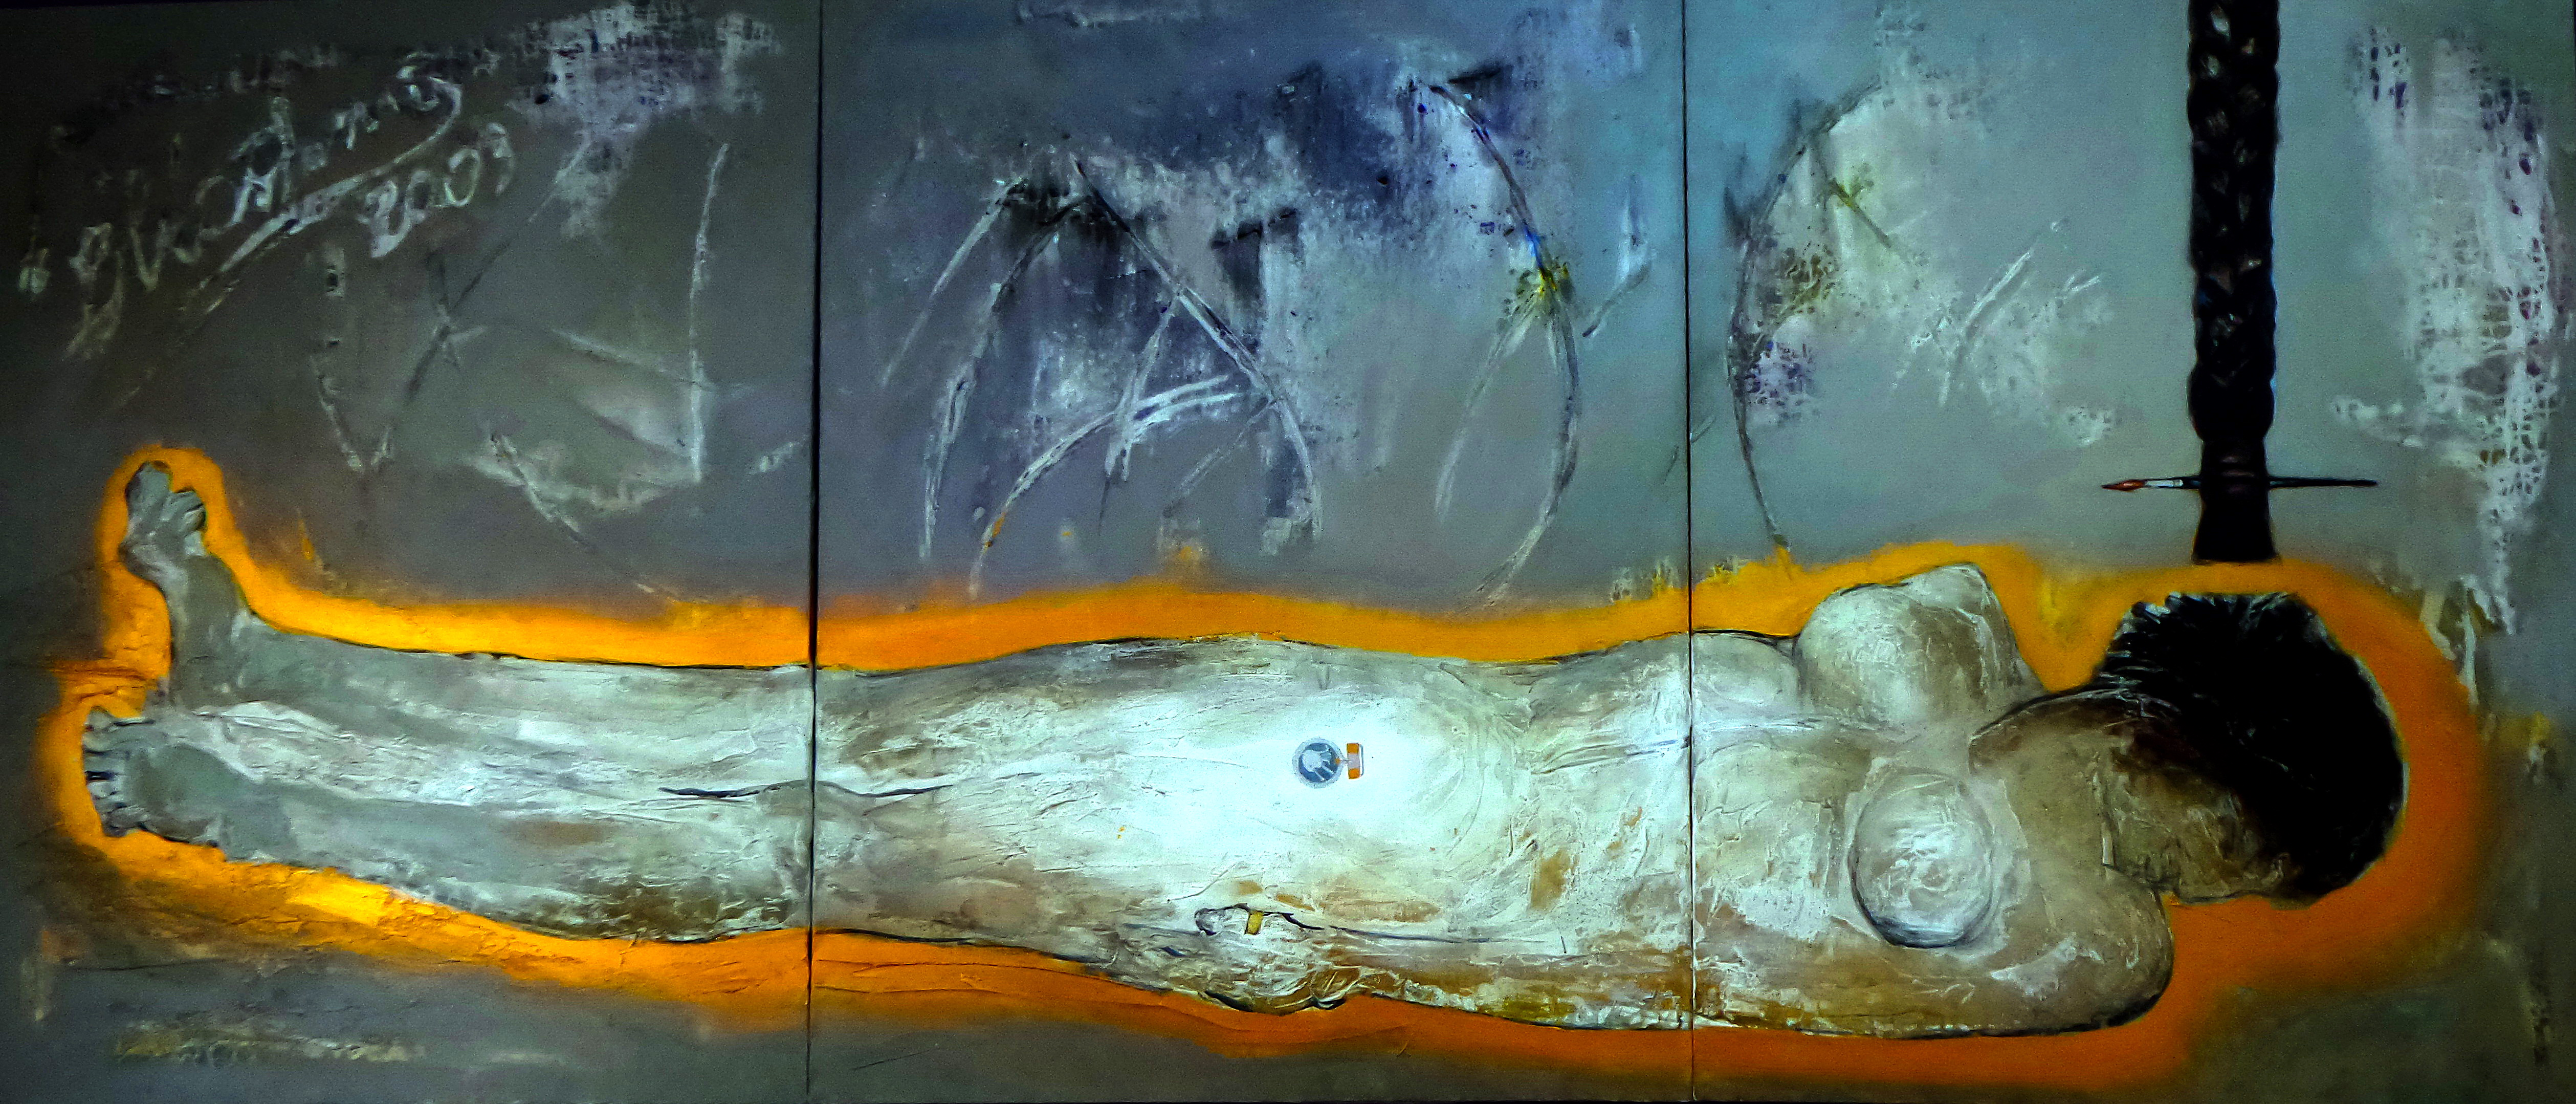 Lume Blloshmi - Dekorata